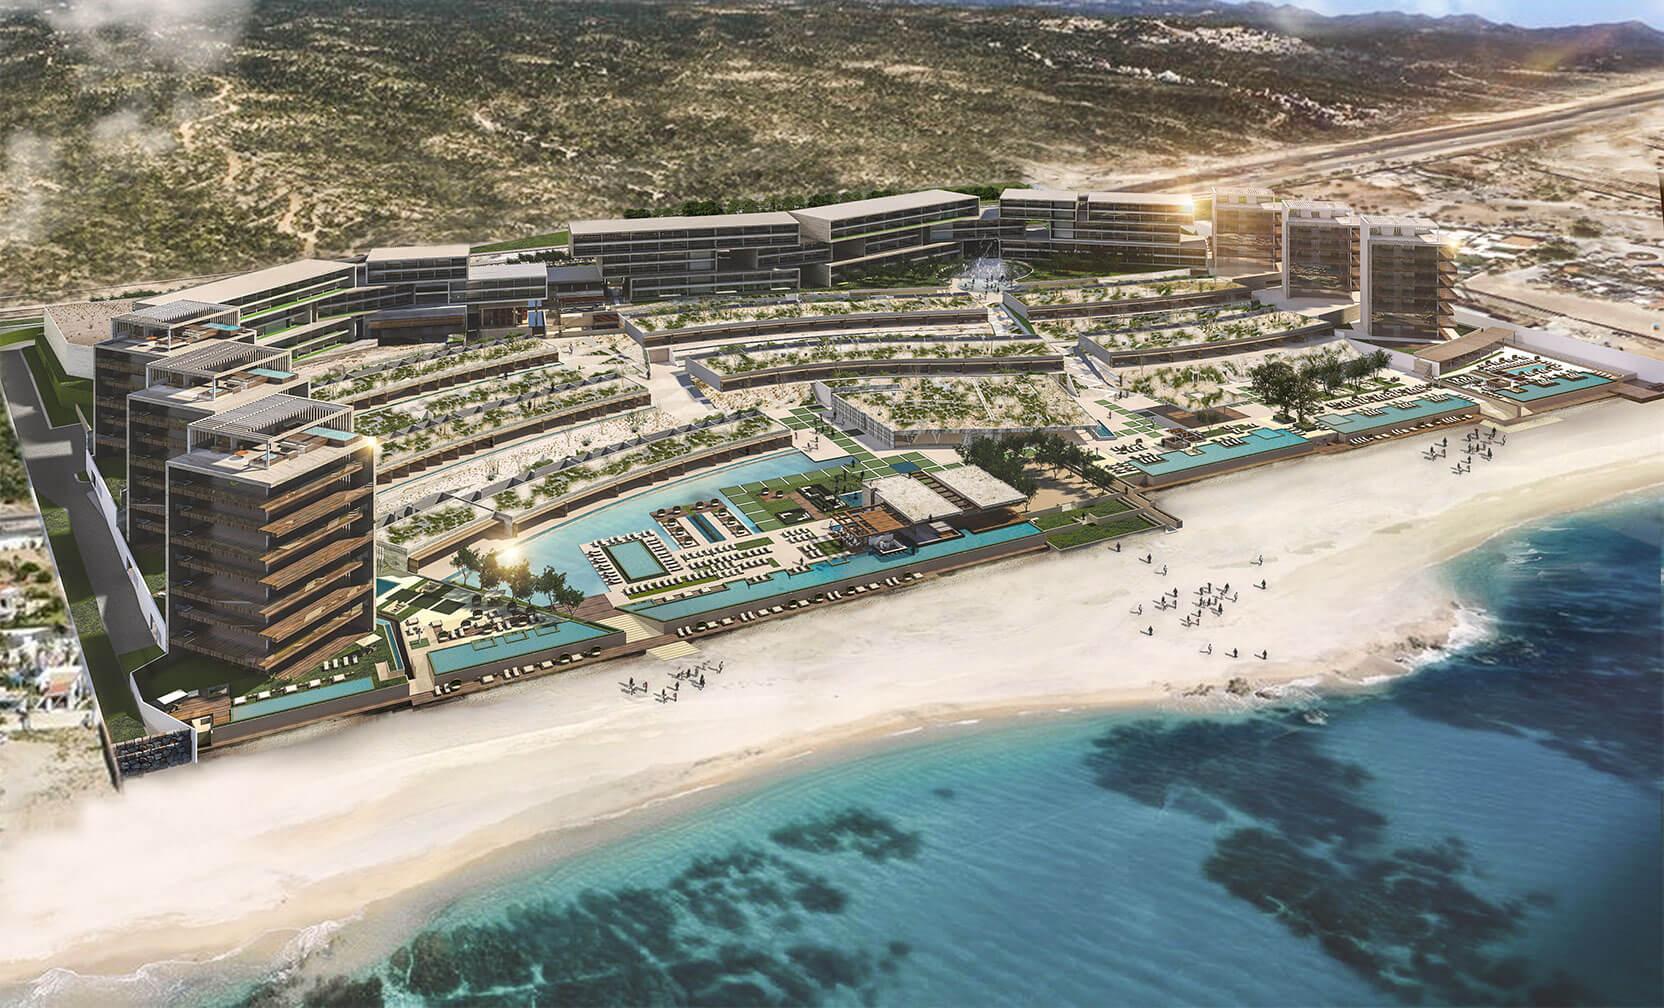 Alistan hotel emblemático en la península de Baja California